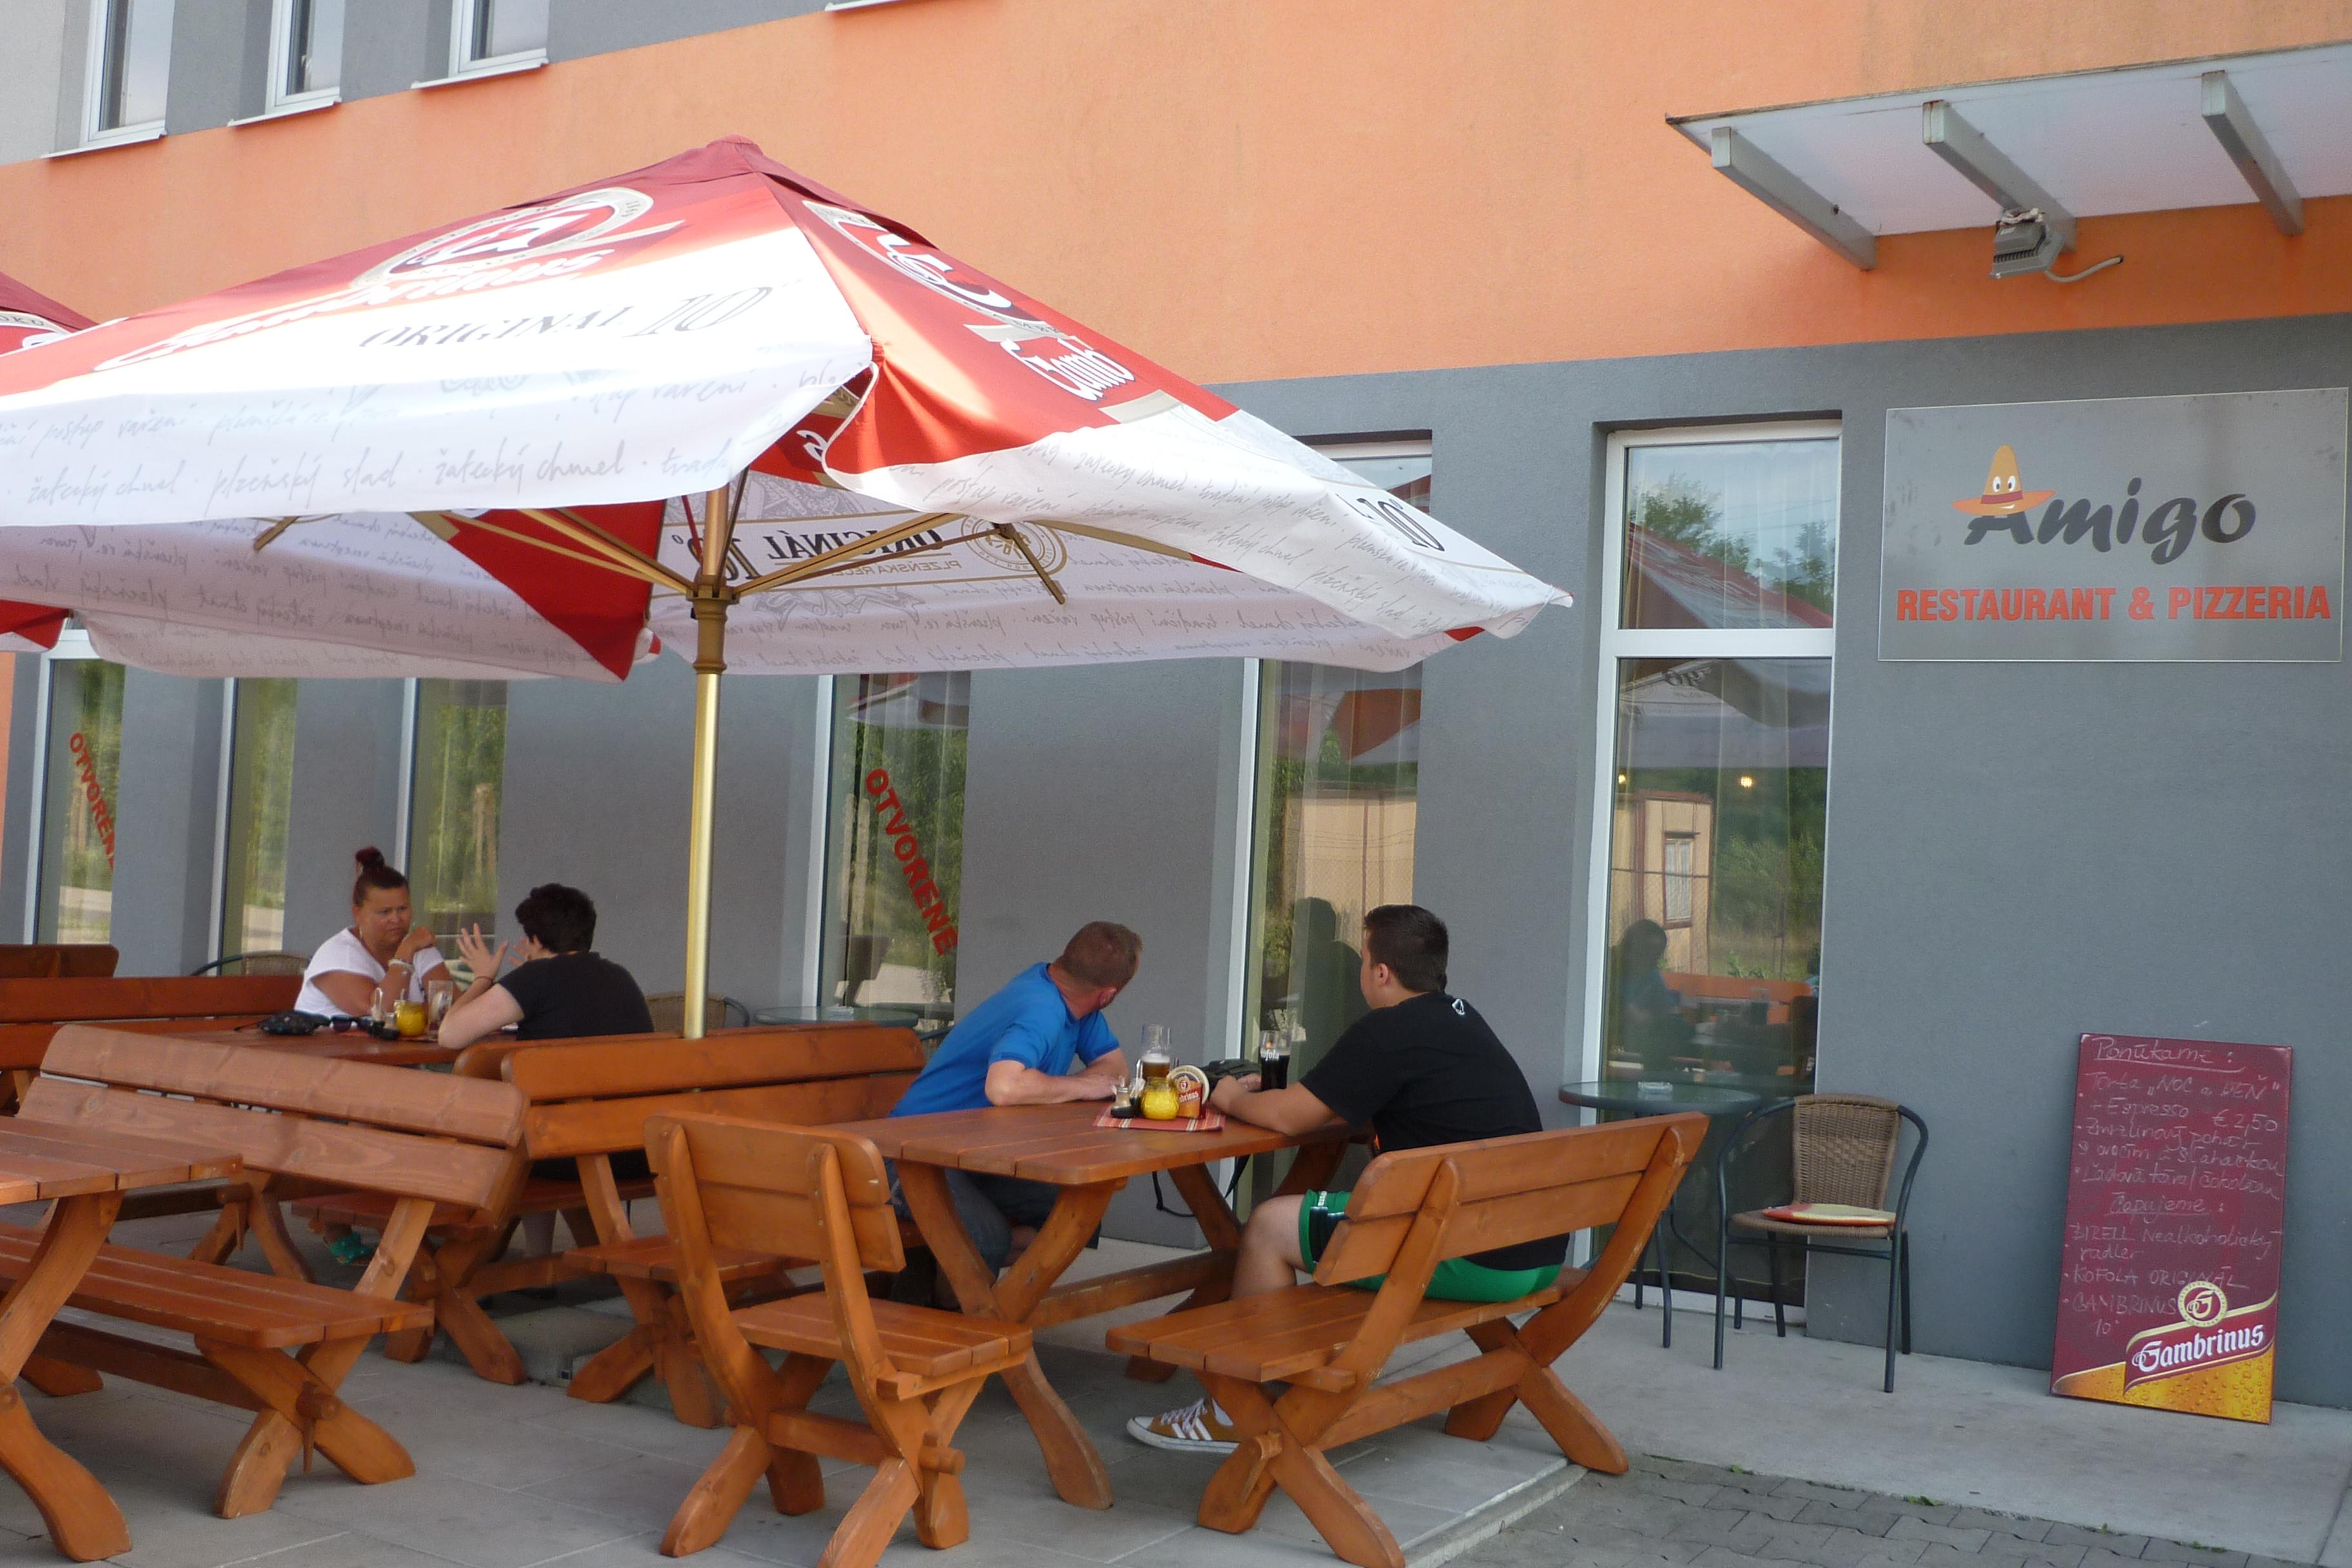 28cbb83aa Restaurant & Pizzeria Amigo - Gastro   moja Nitra